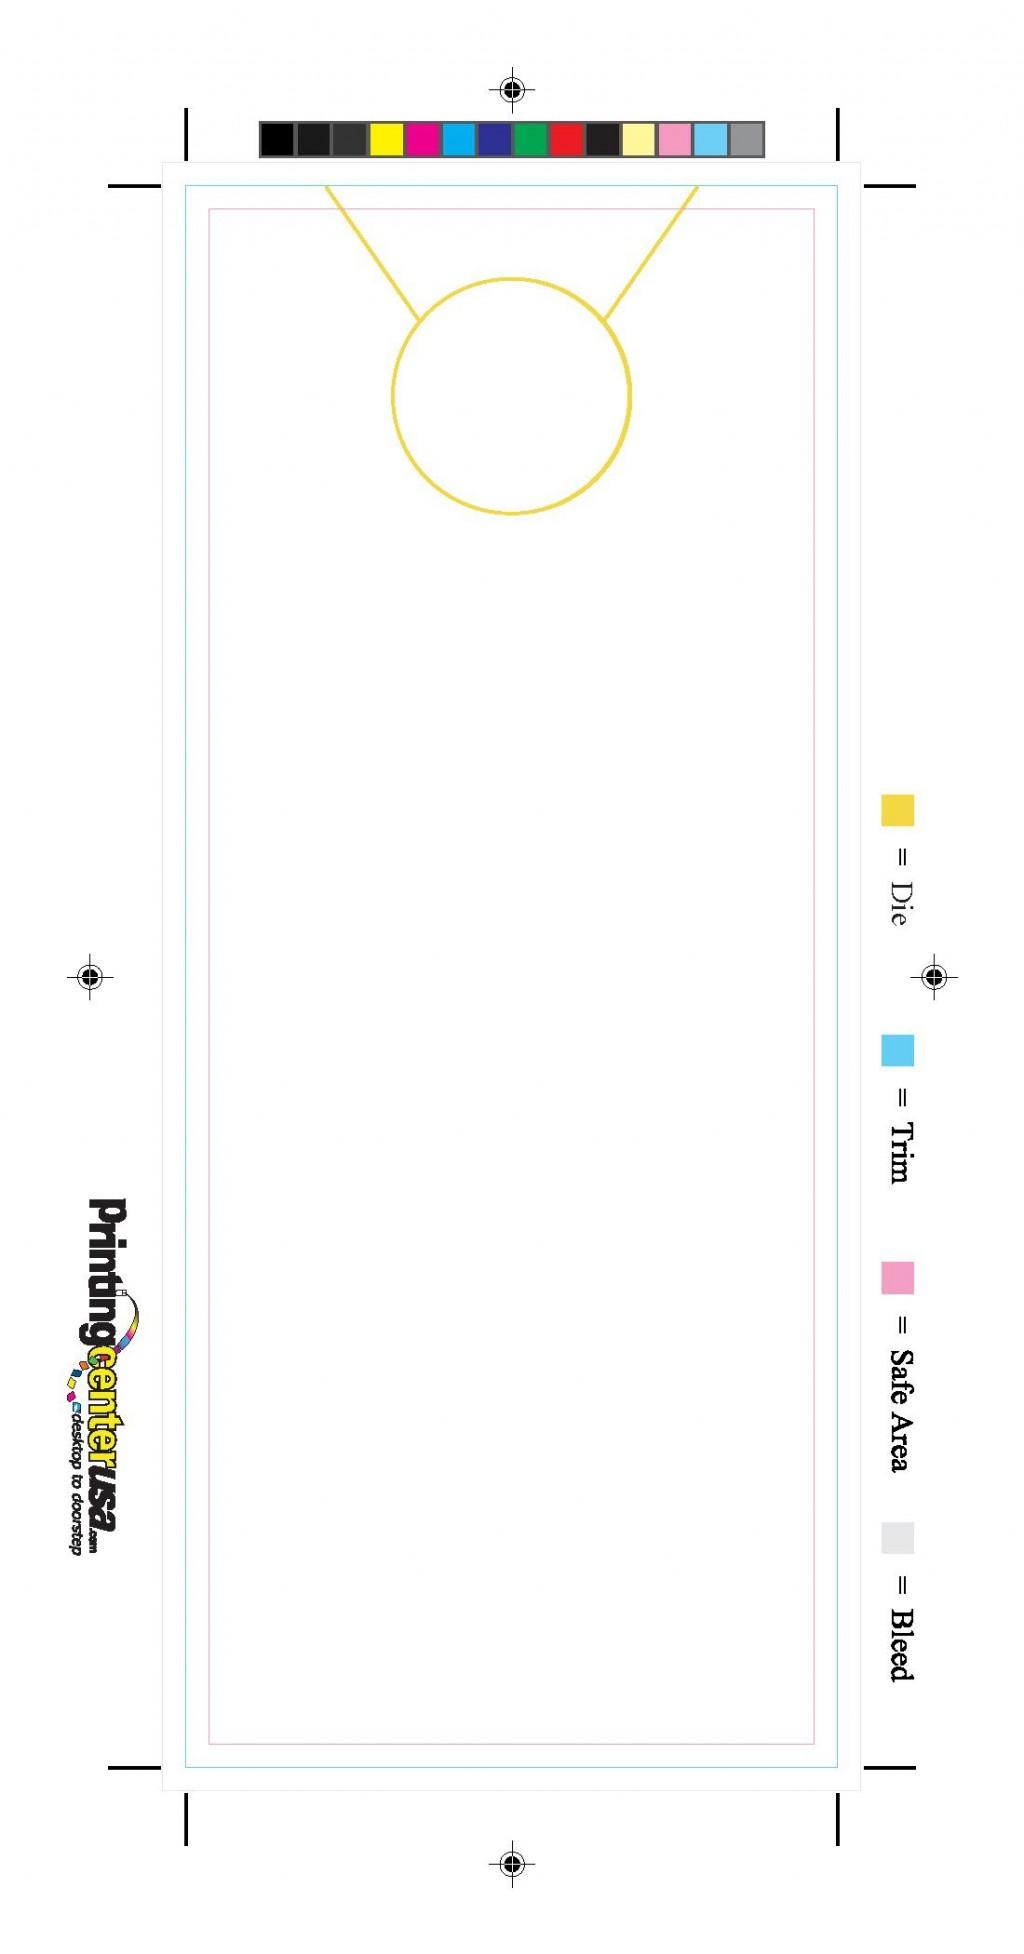 000 Astounding Free Door Hanger Template Sample  Templates Printable Wedding Blank DoorknobLarge